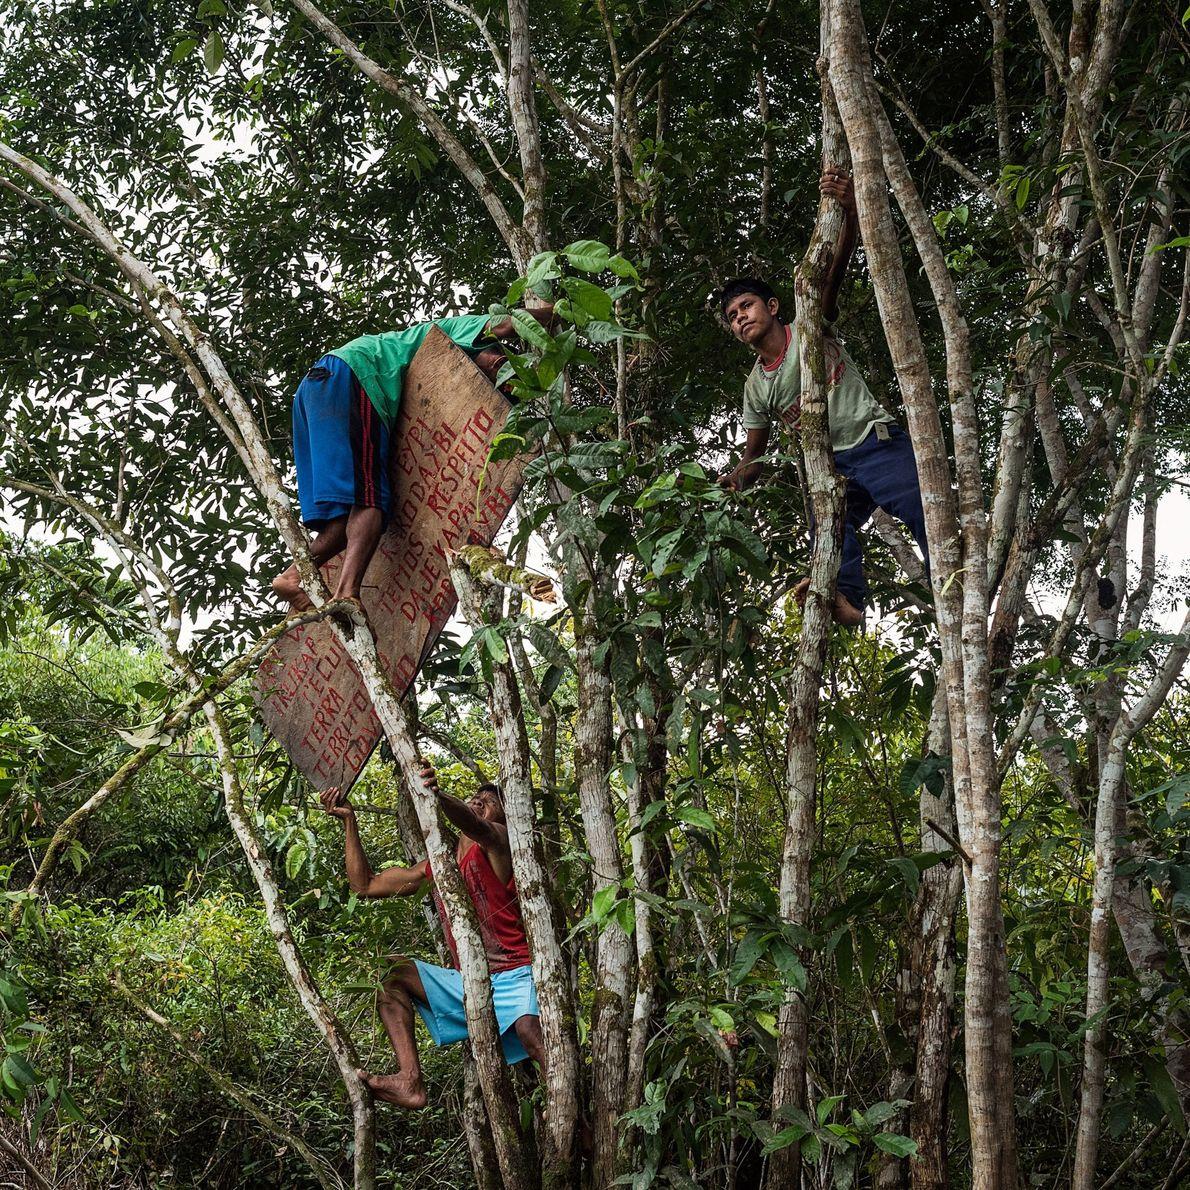 Munduruku-Krieger hängen ein Schild auf